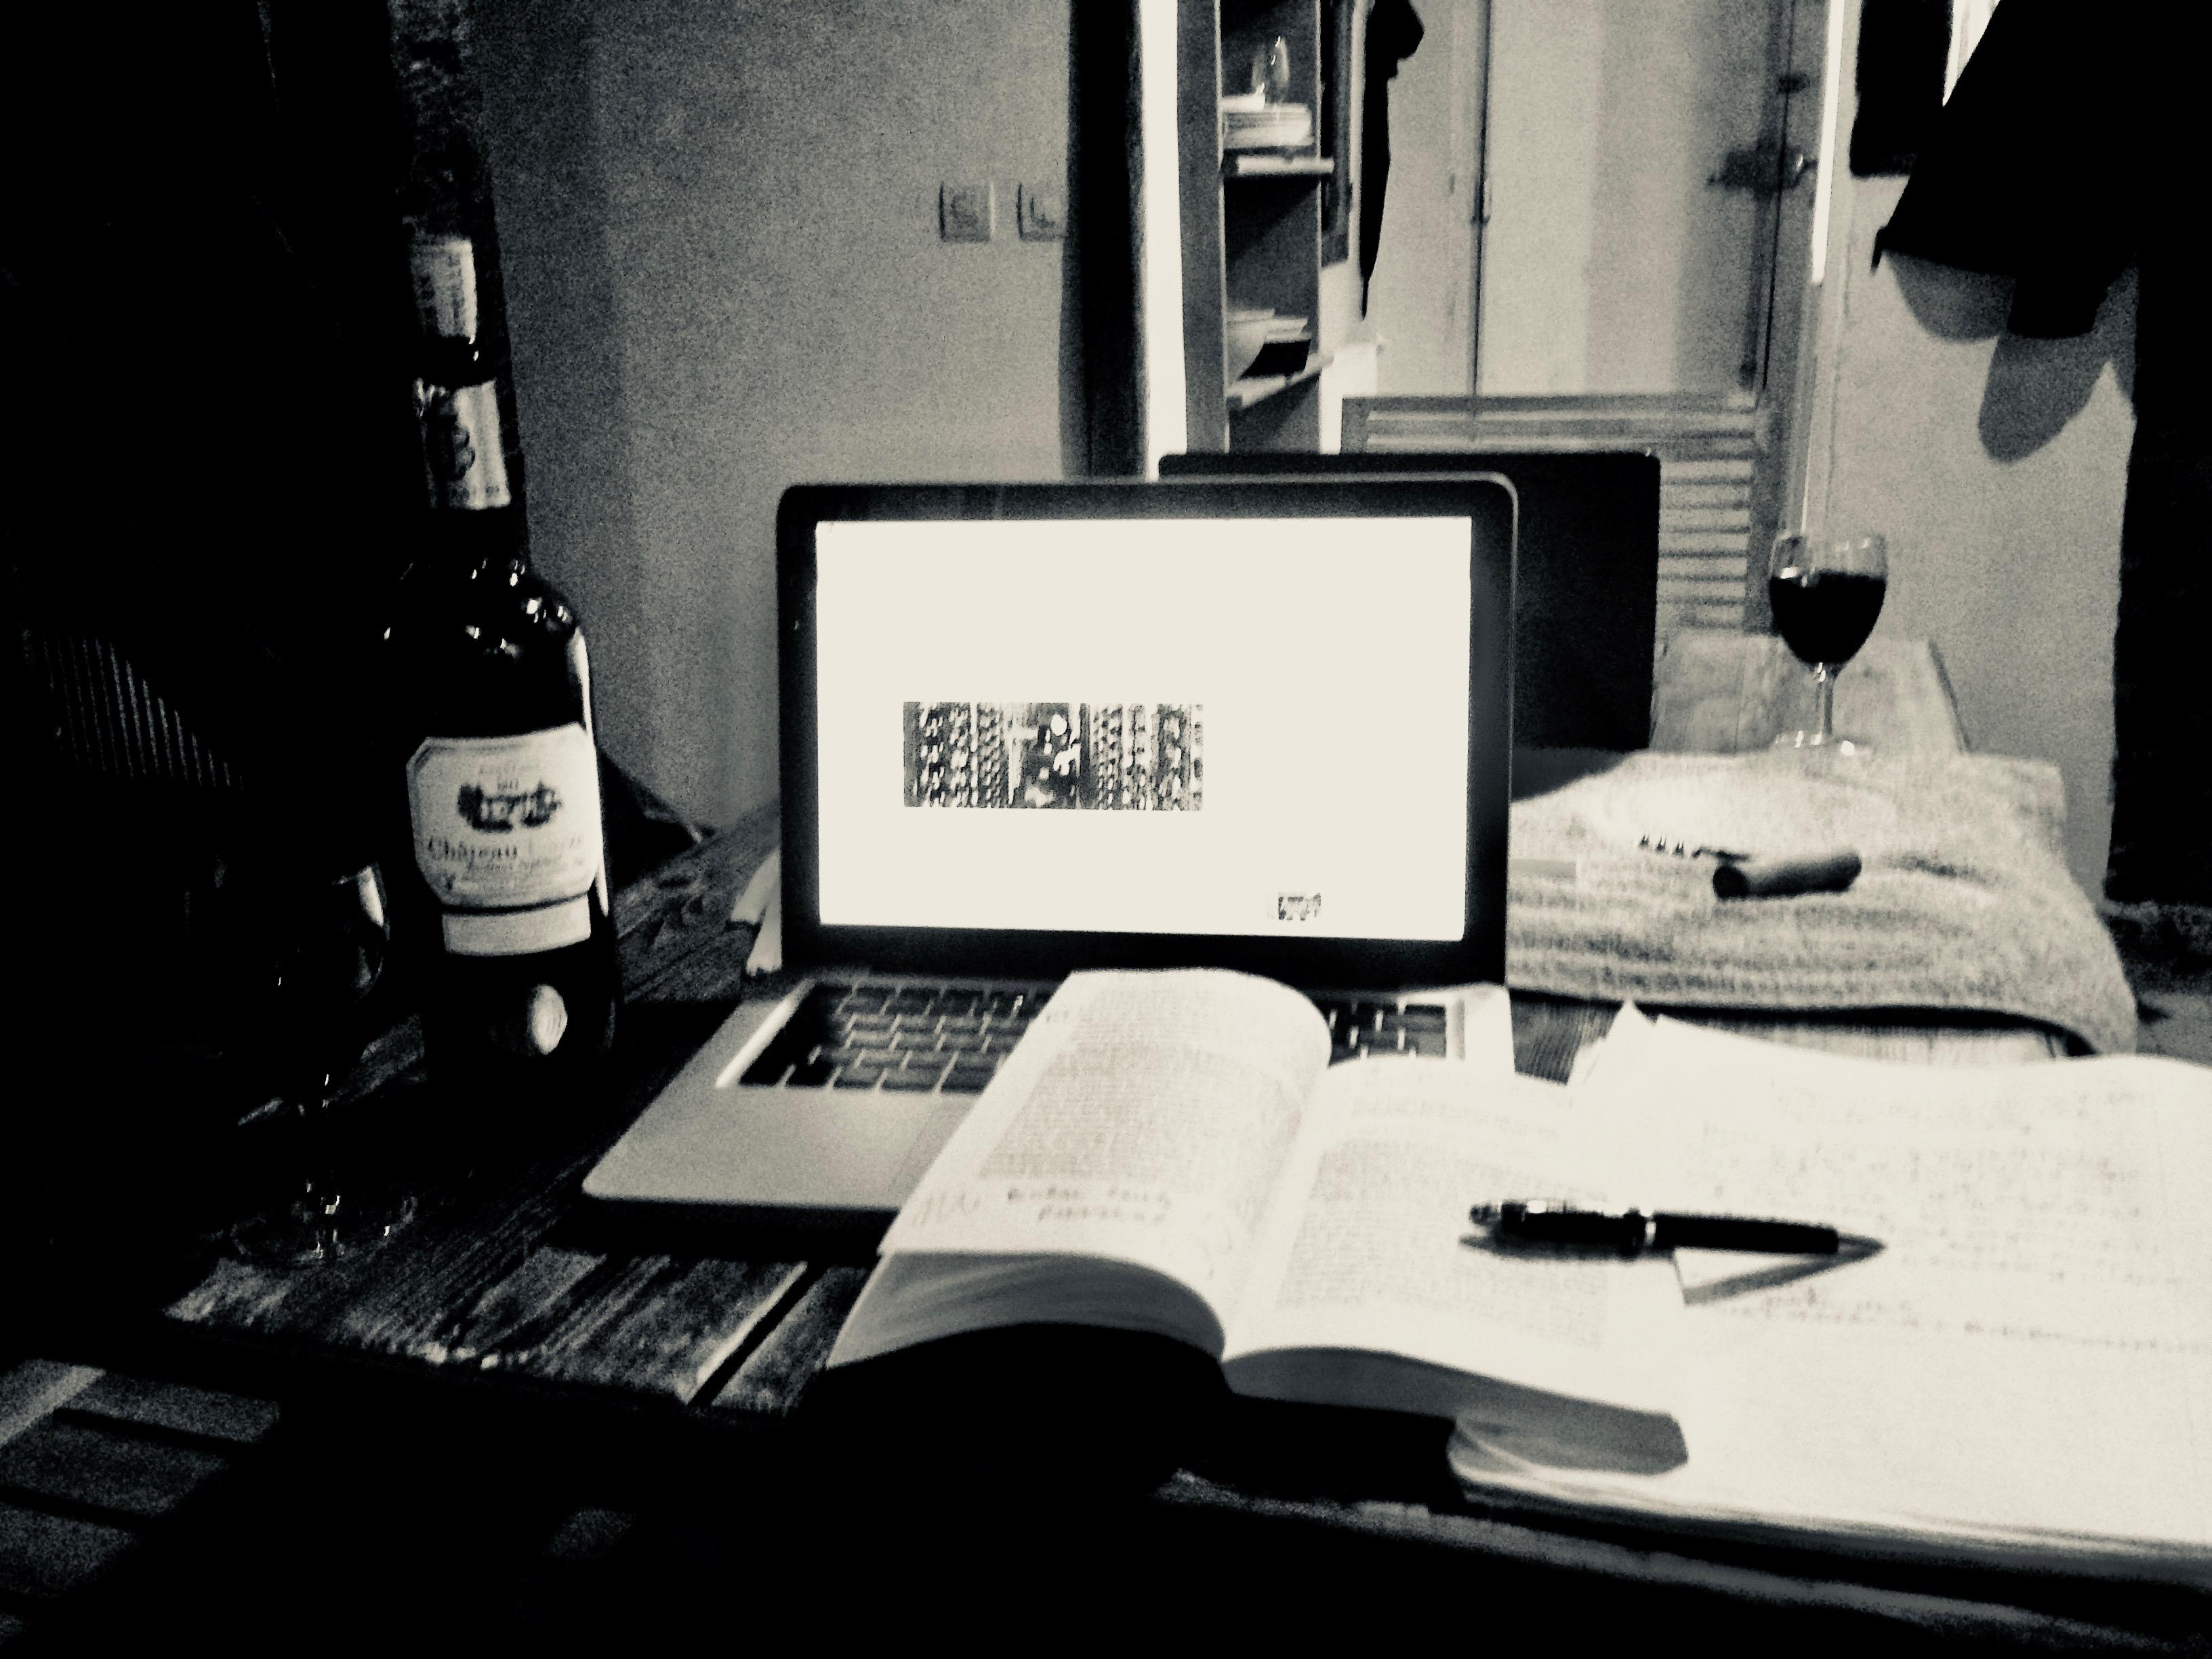 FelixRieferSamisdatblog